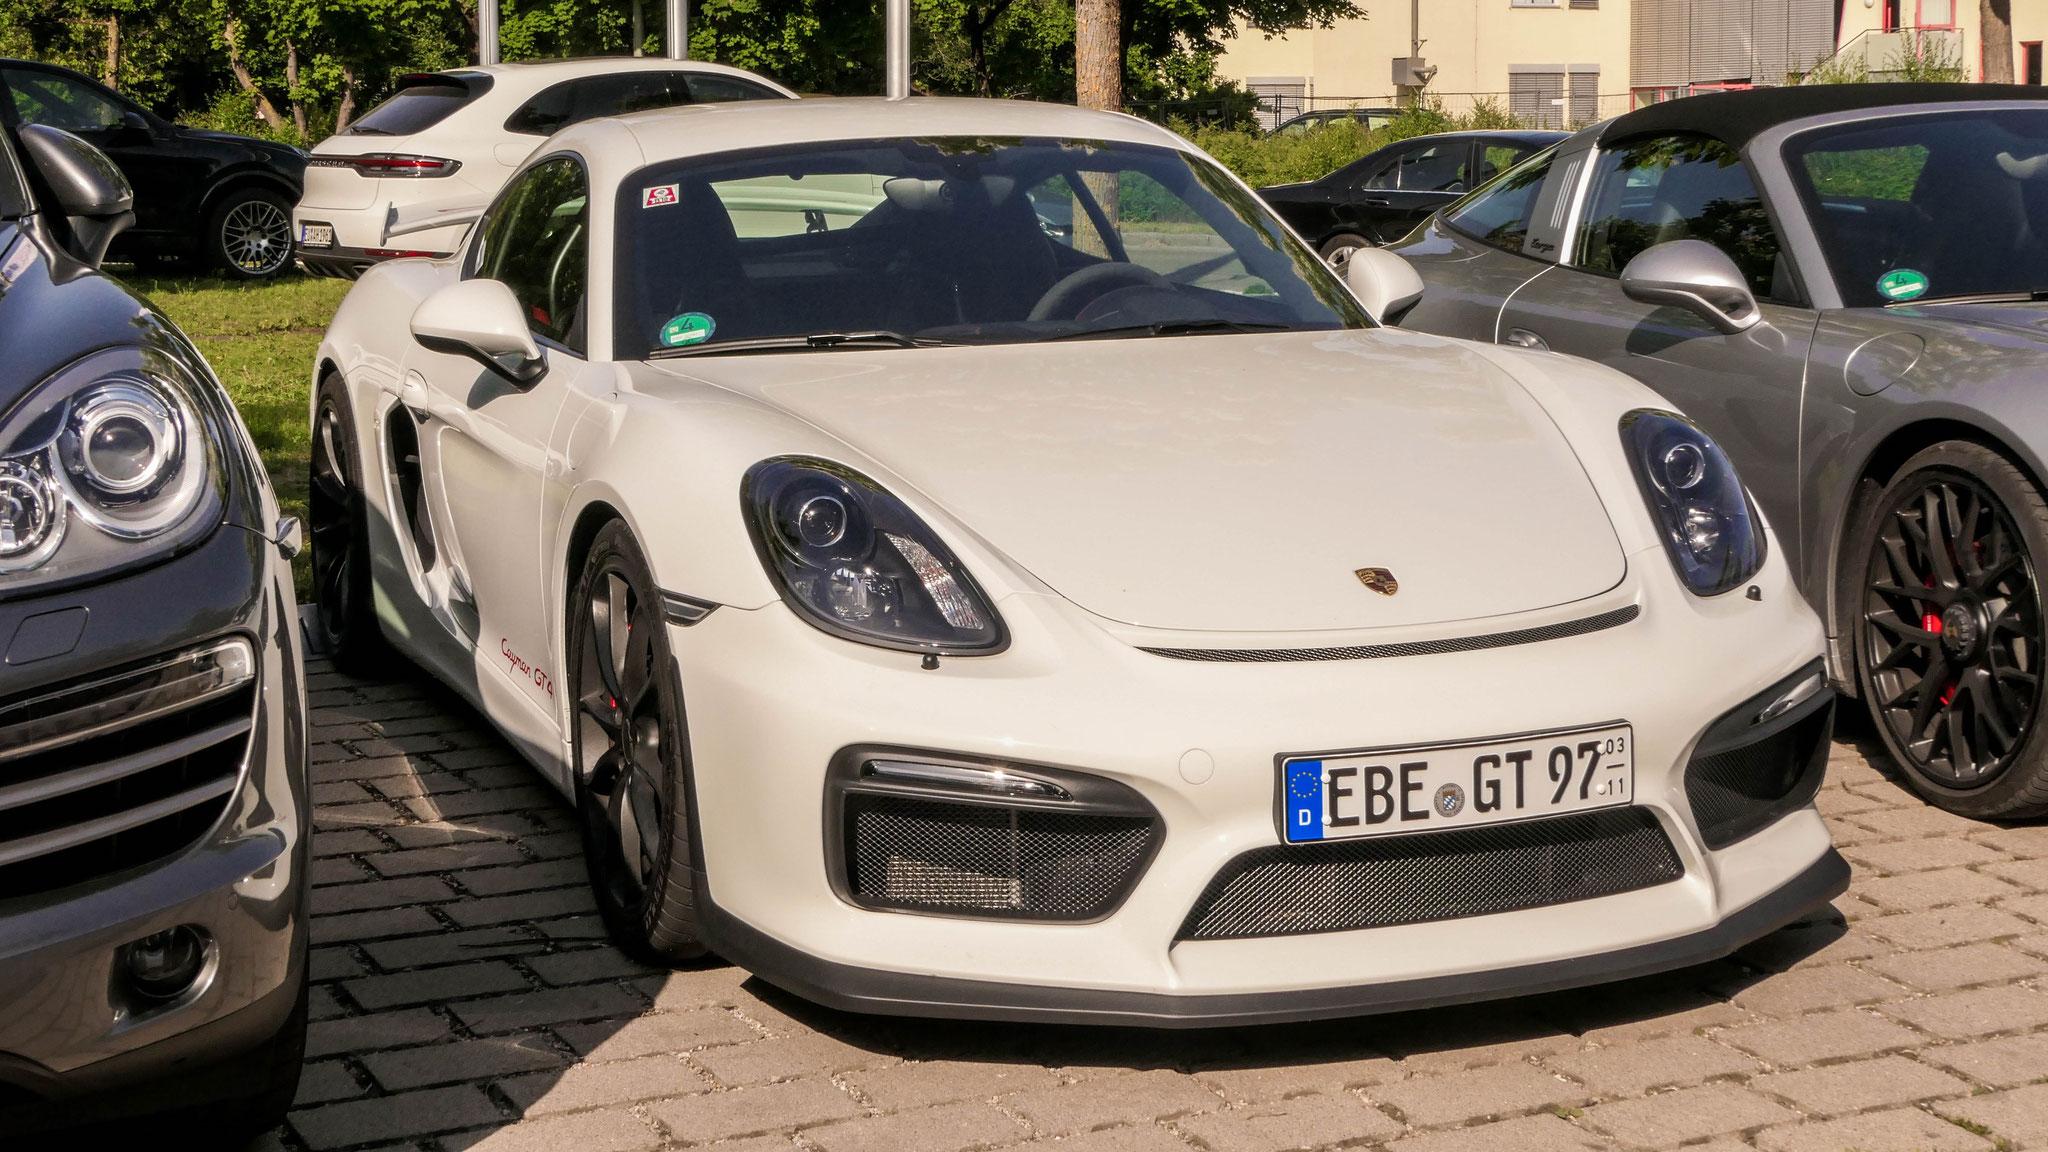 Porsche Cayman GT4 - EBE-GT-97